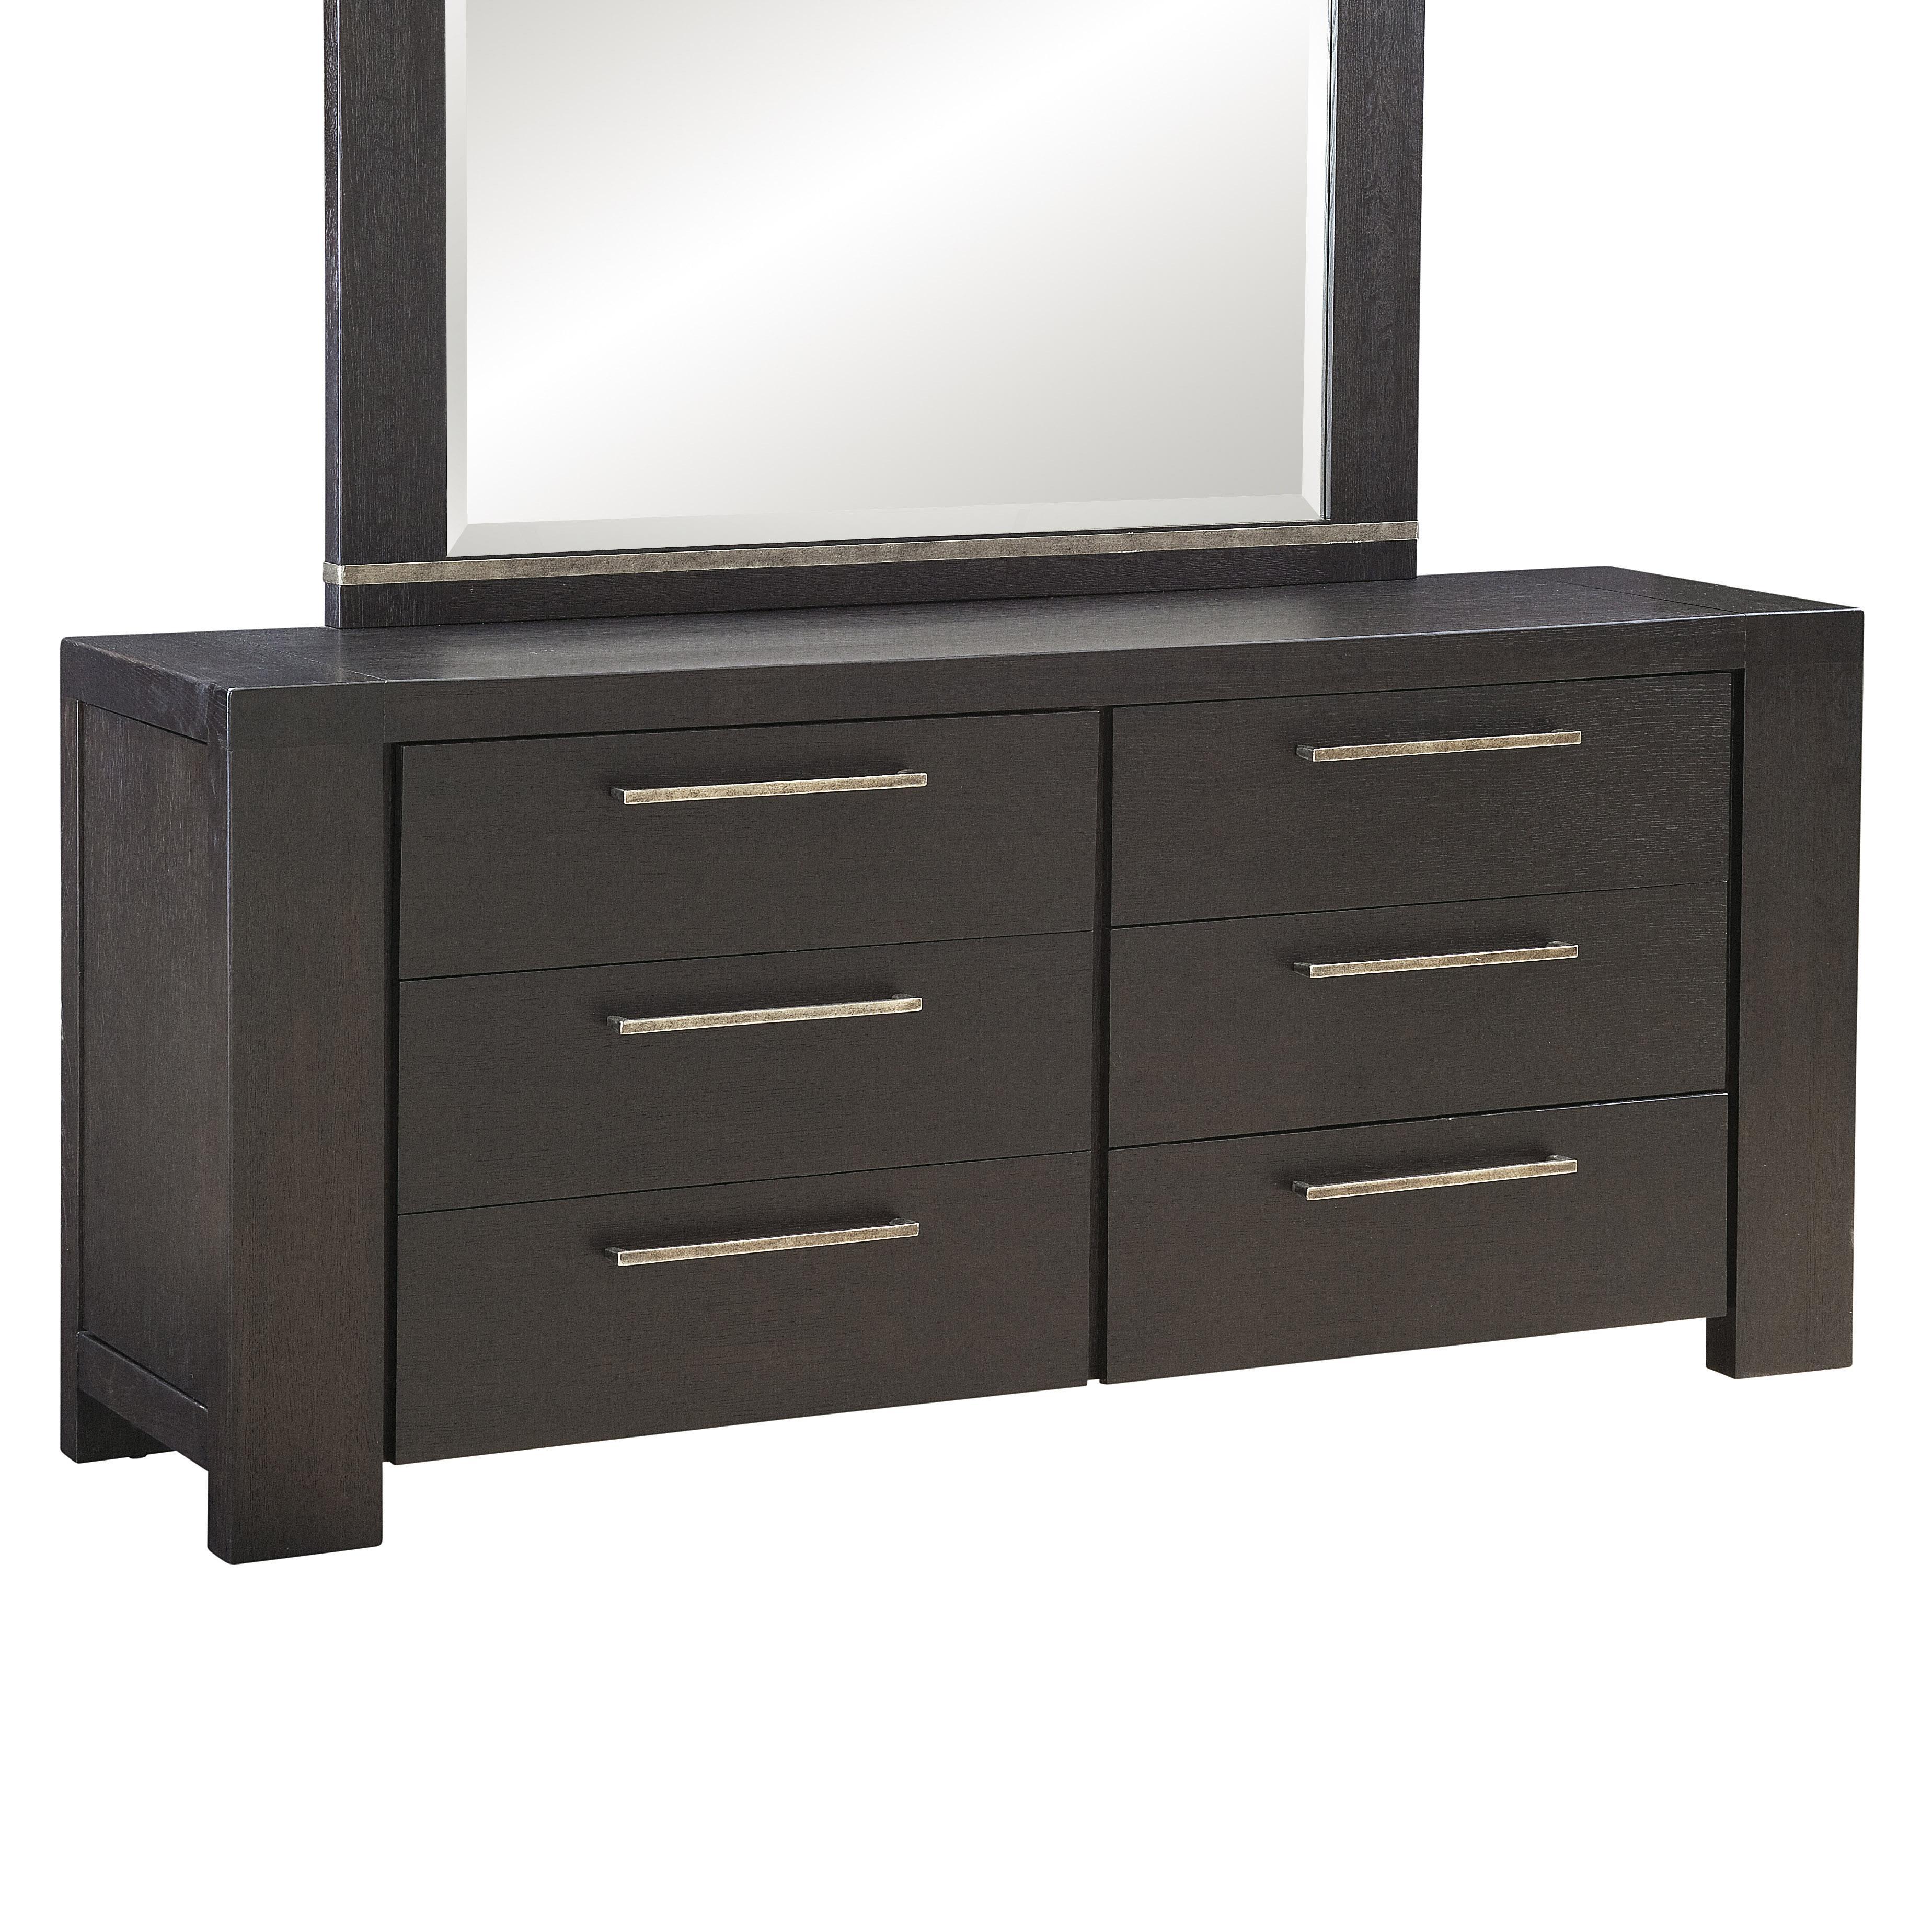 Morris Home Furnishings Metropolis Metropolis Dresser - Item Number: LACC-8300-500